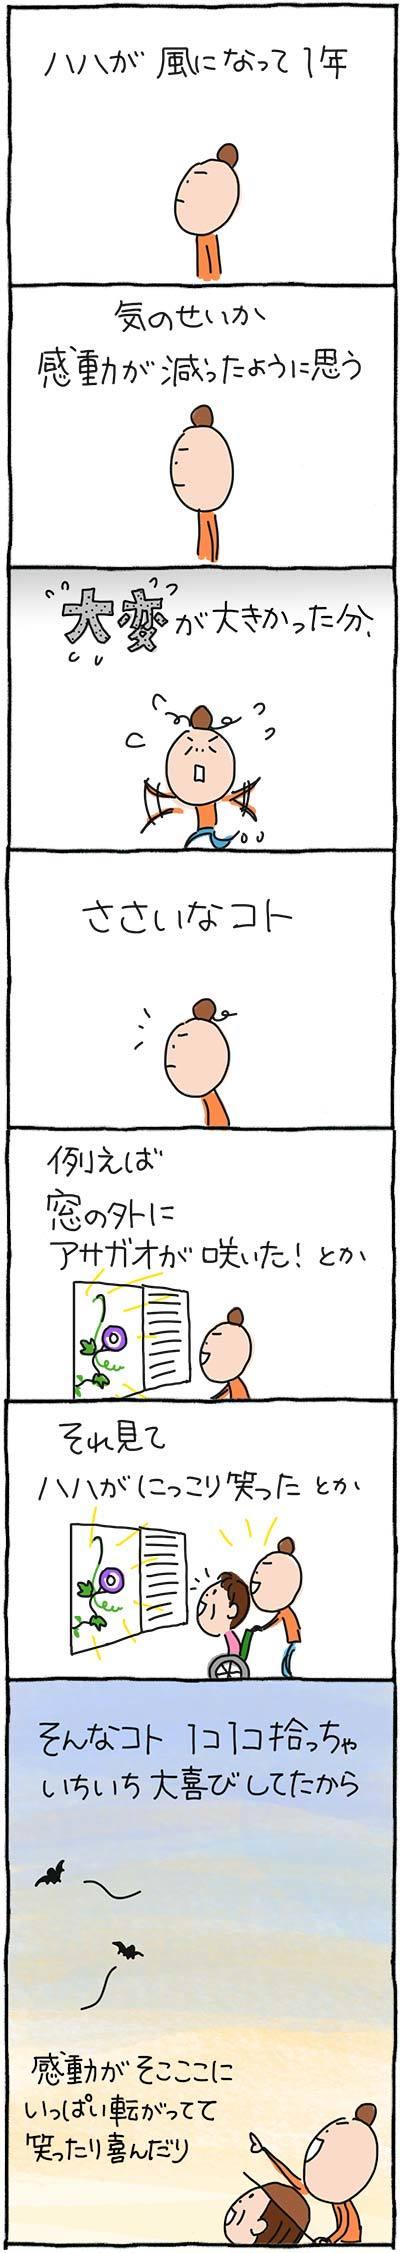 170920ハハ一周忌01